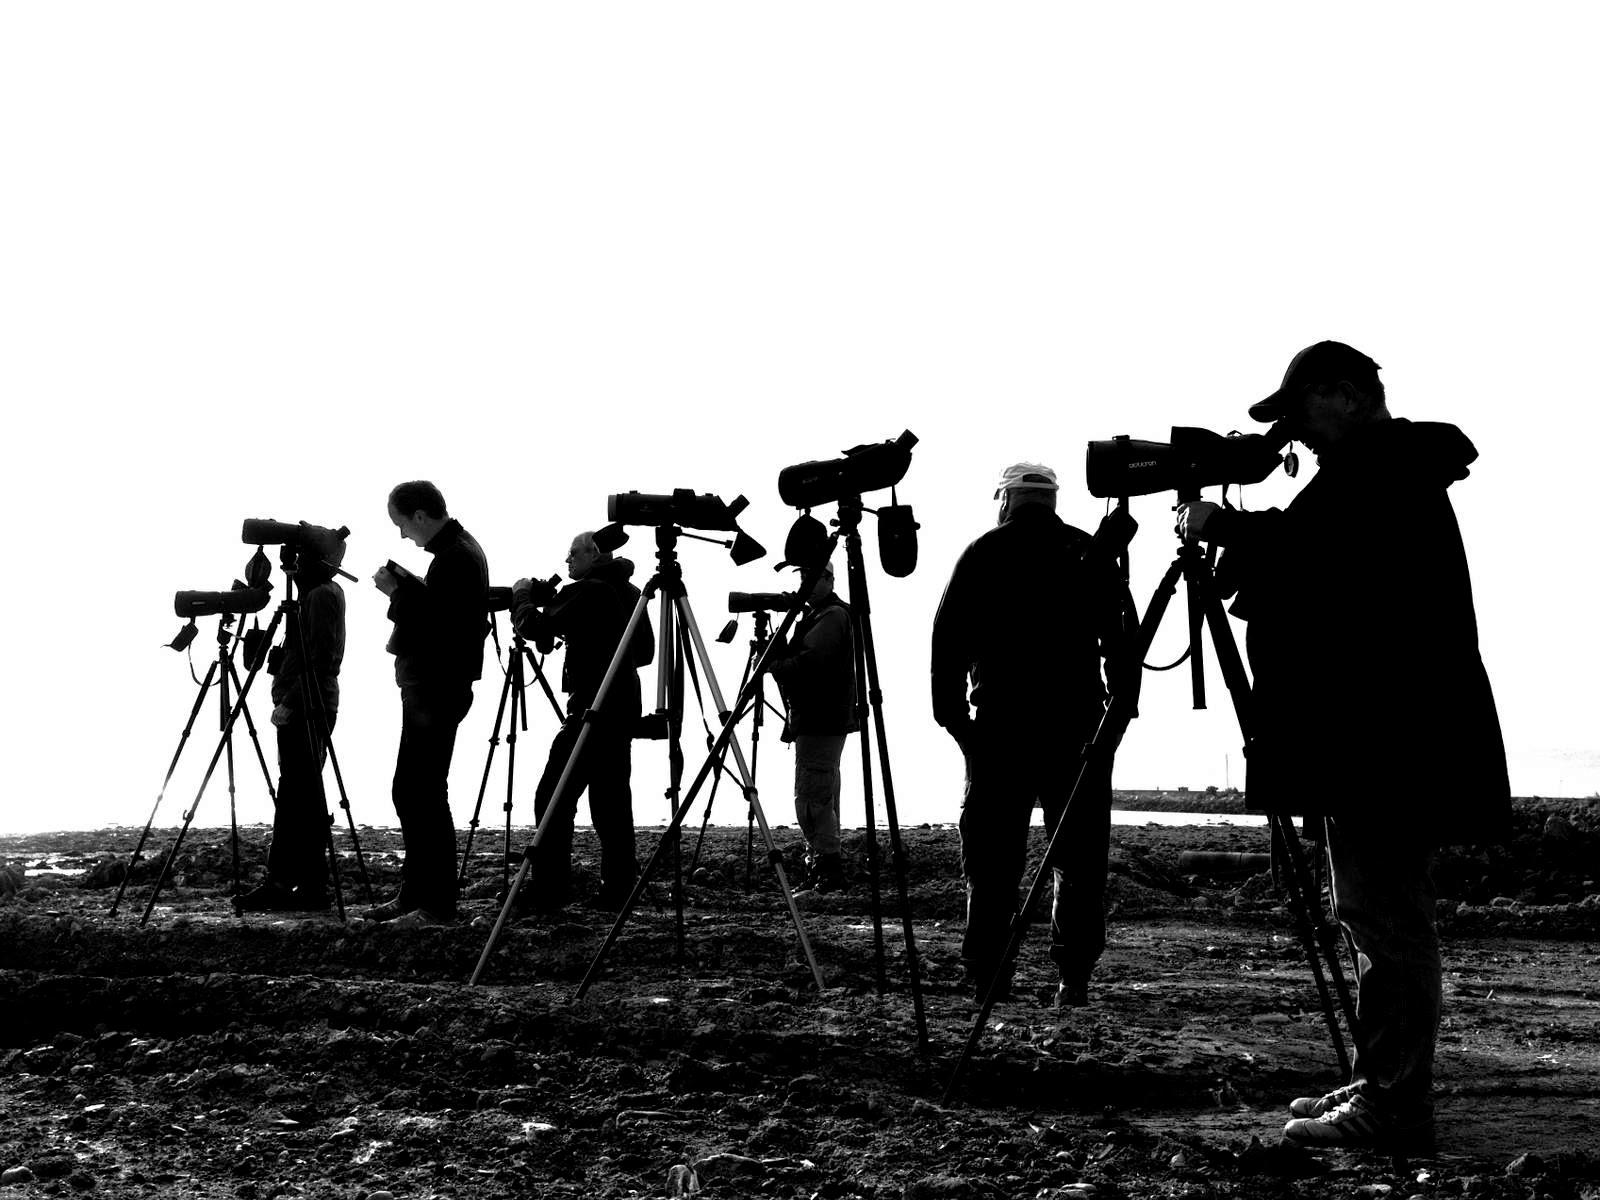 Birdwatchers by Ståle Prestøy